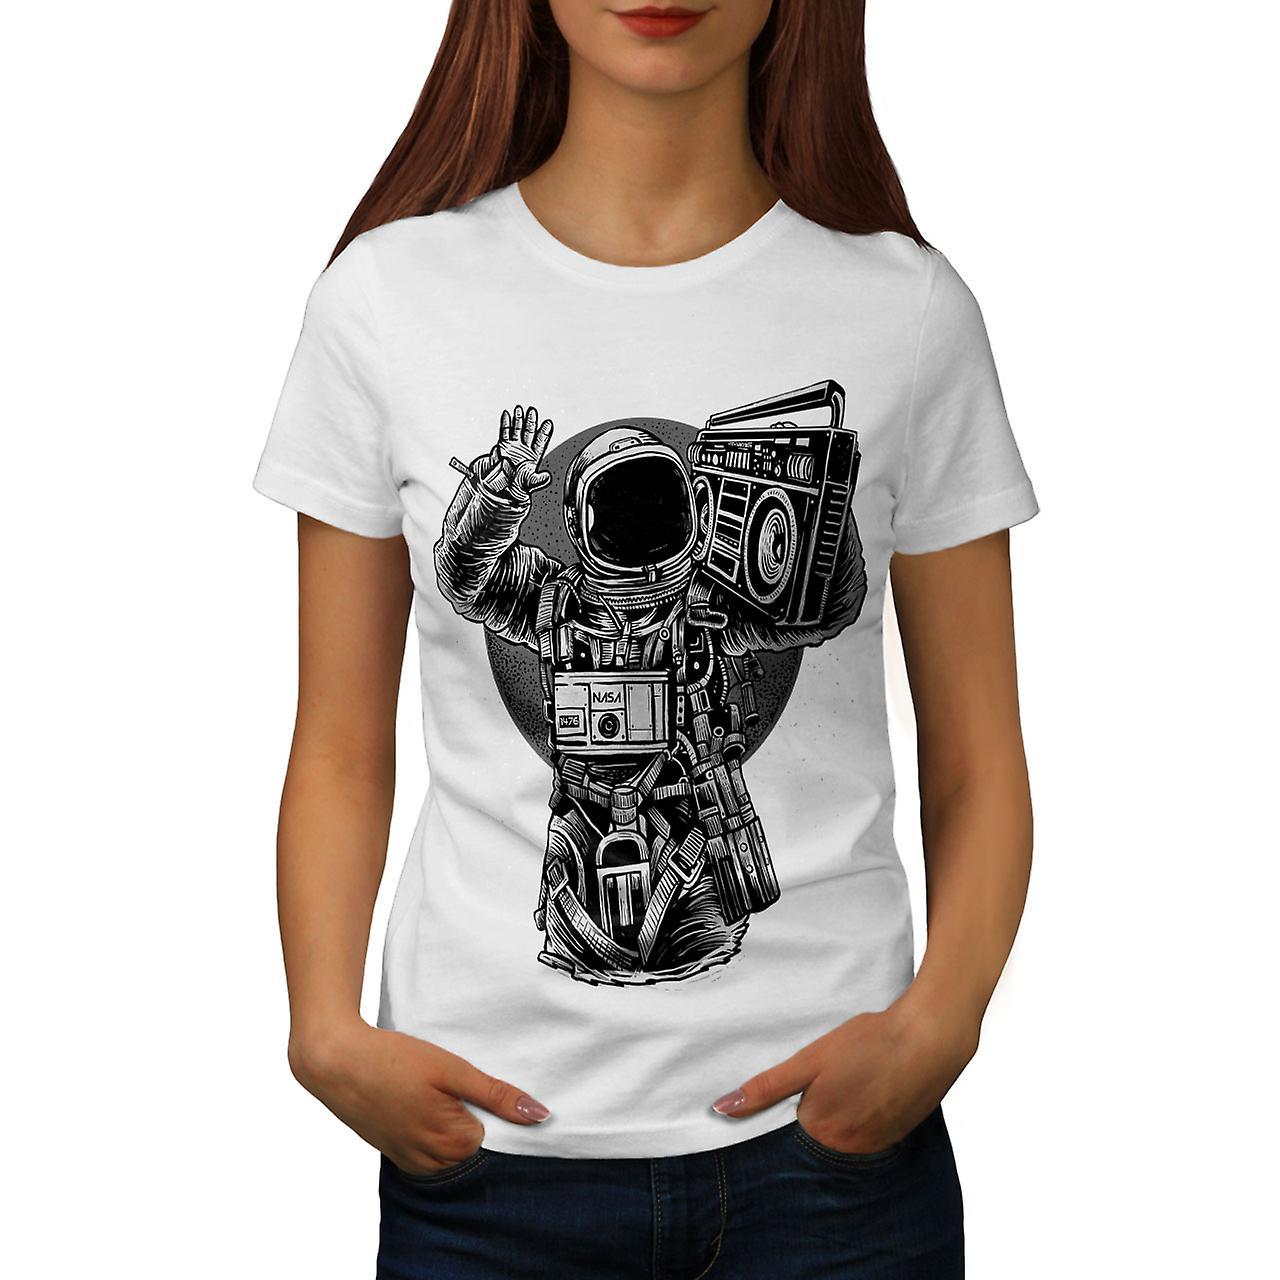 Astronaut Boombox Music Women WhiteT-shirt   Wellcoda   Fruugo